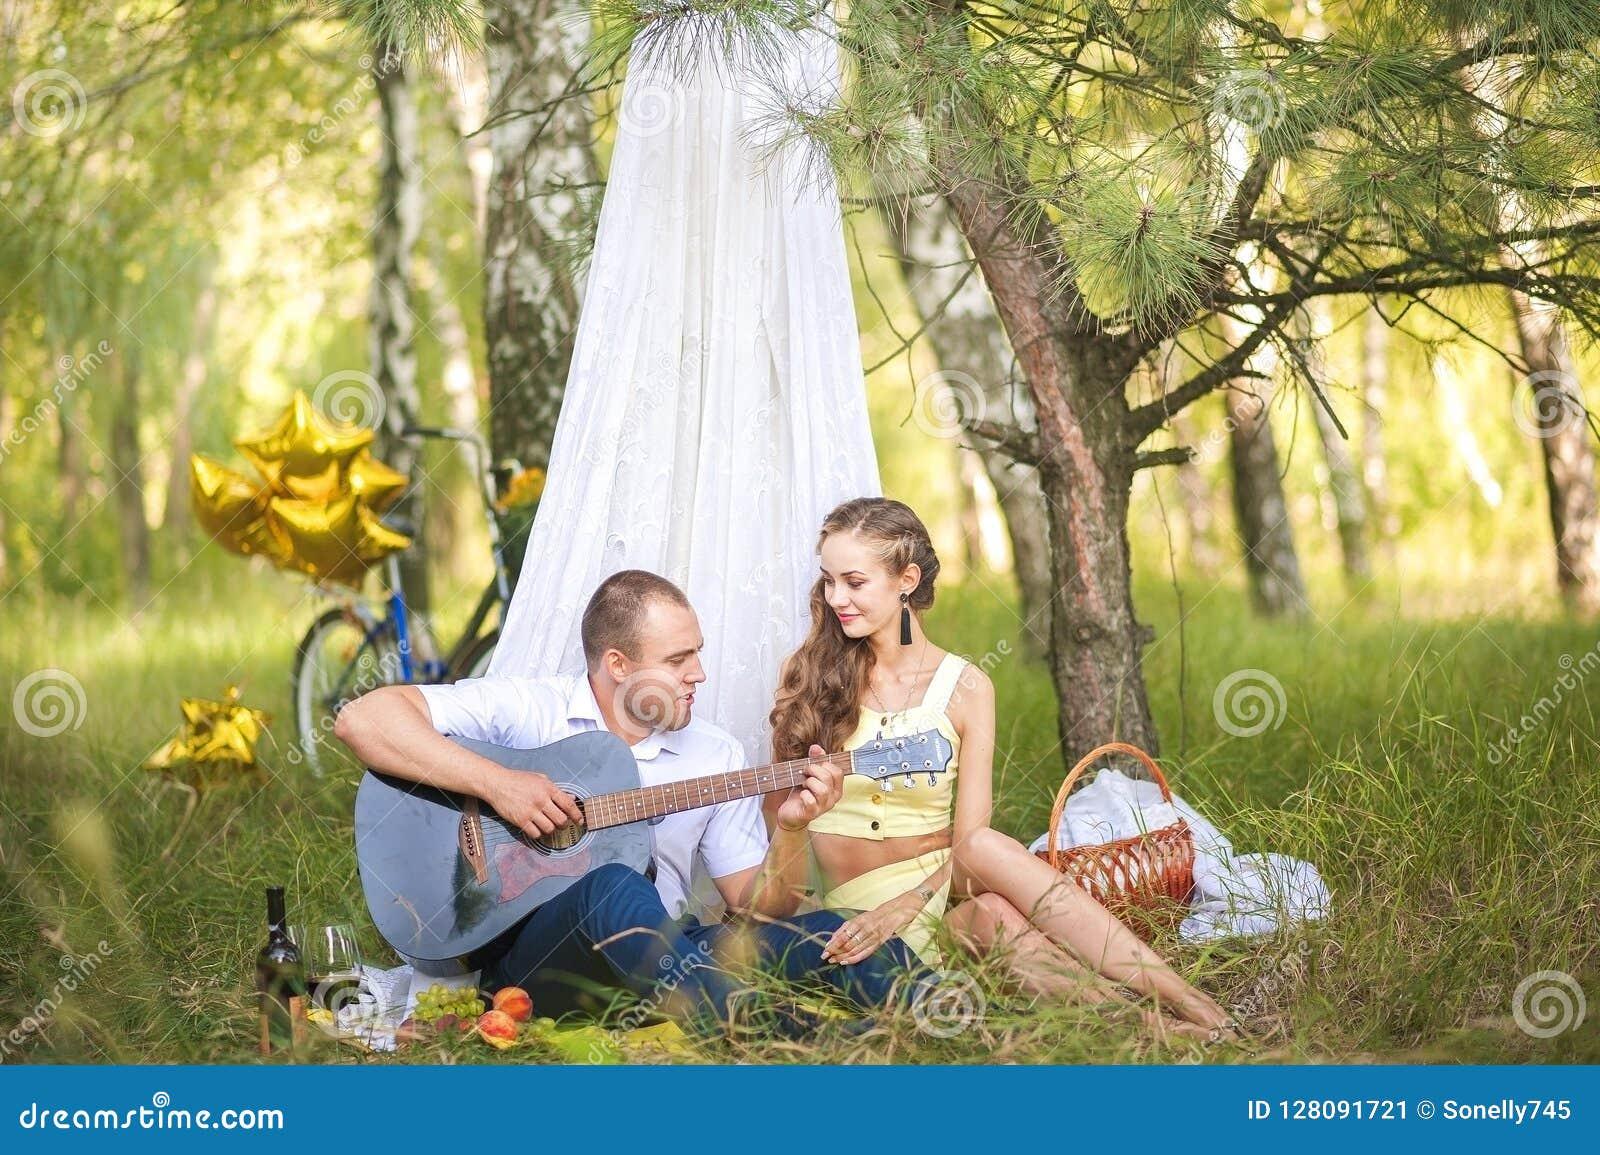 Um homem joga a guitarra amado Homem e mulher em uma cabana, o conceito do romance e idílio